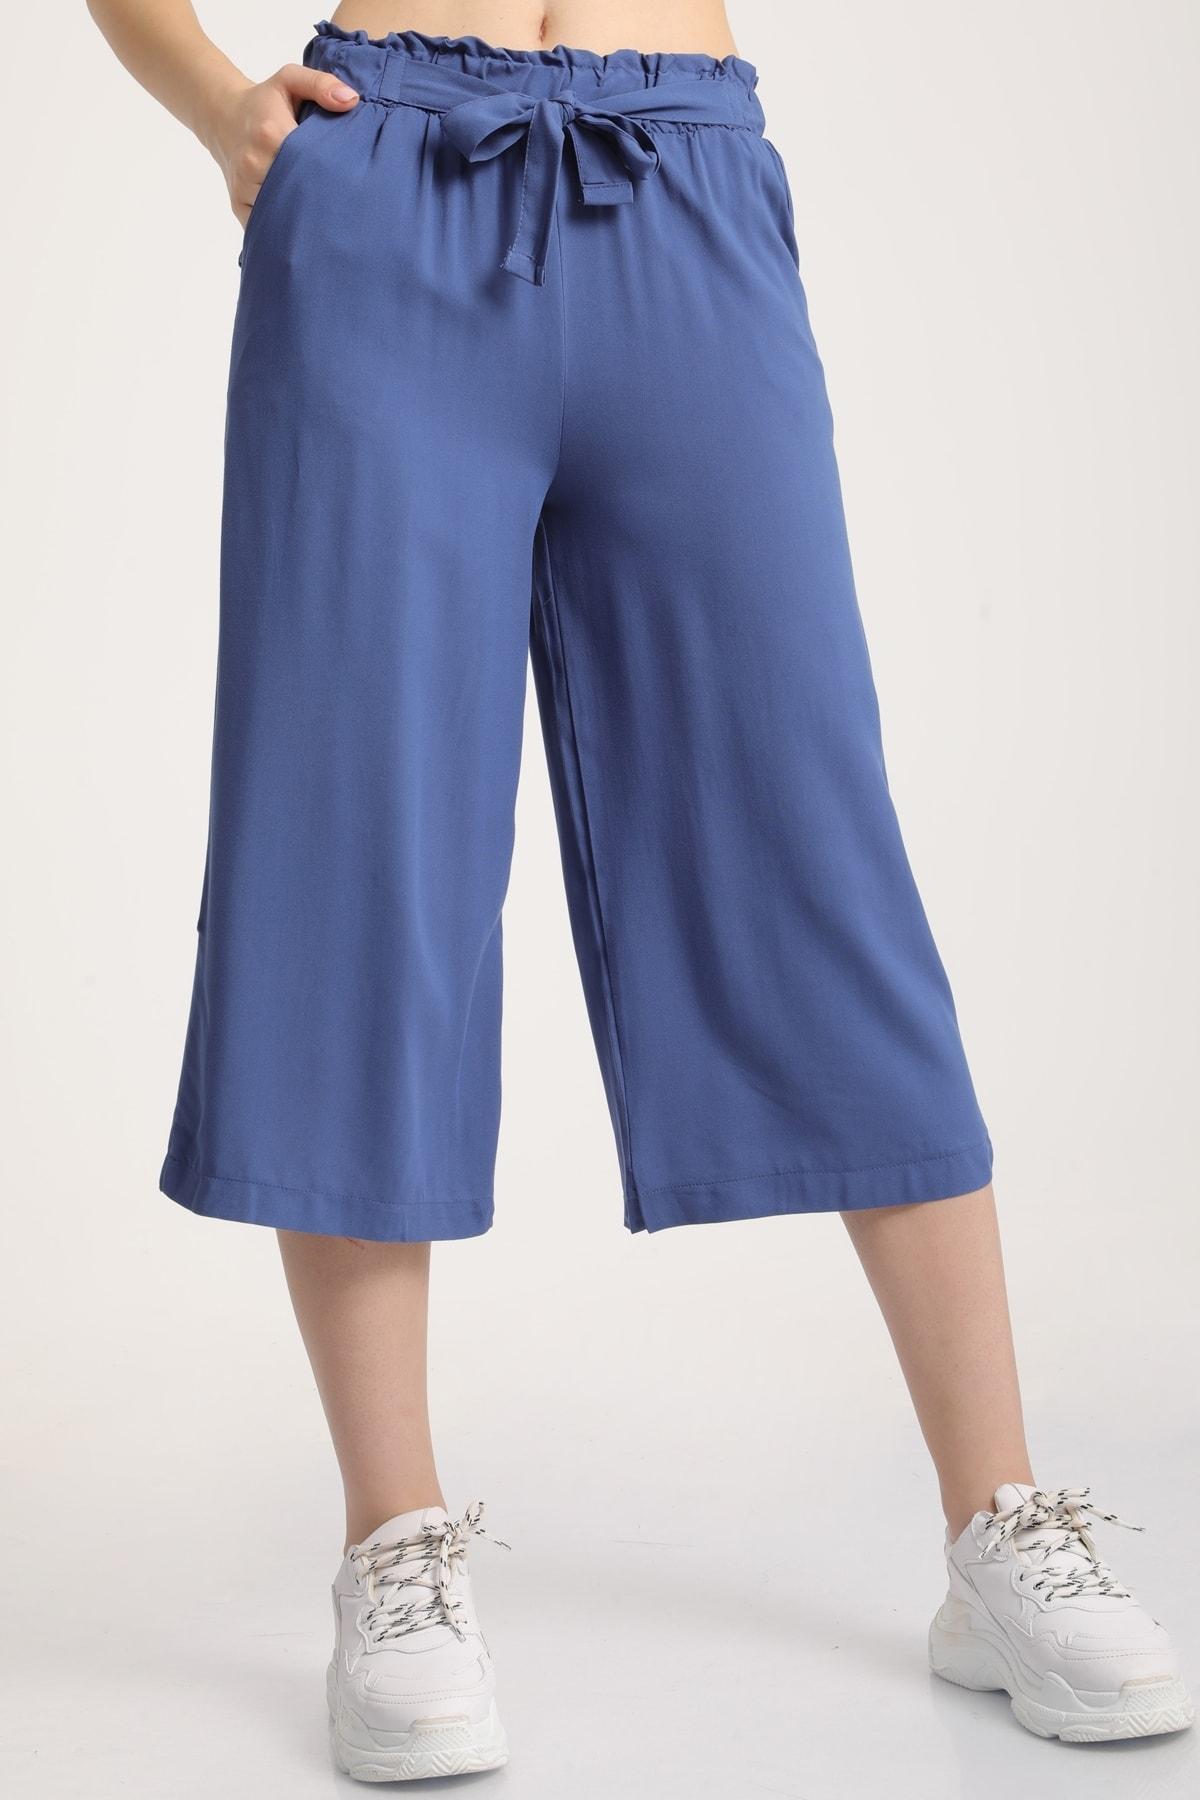 MD trend Kadın Indigo Bel Lastikli Bağlamalı Kısa Pantolon Mdt5979 2